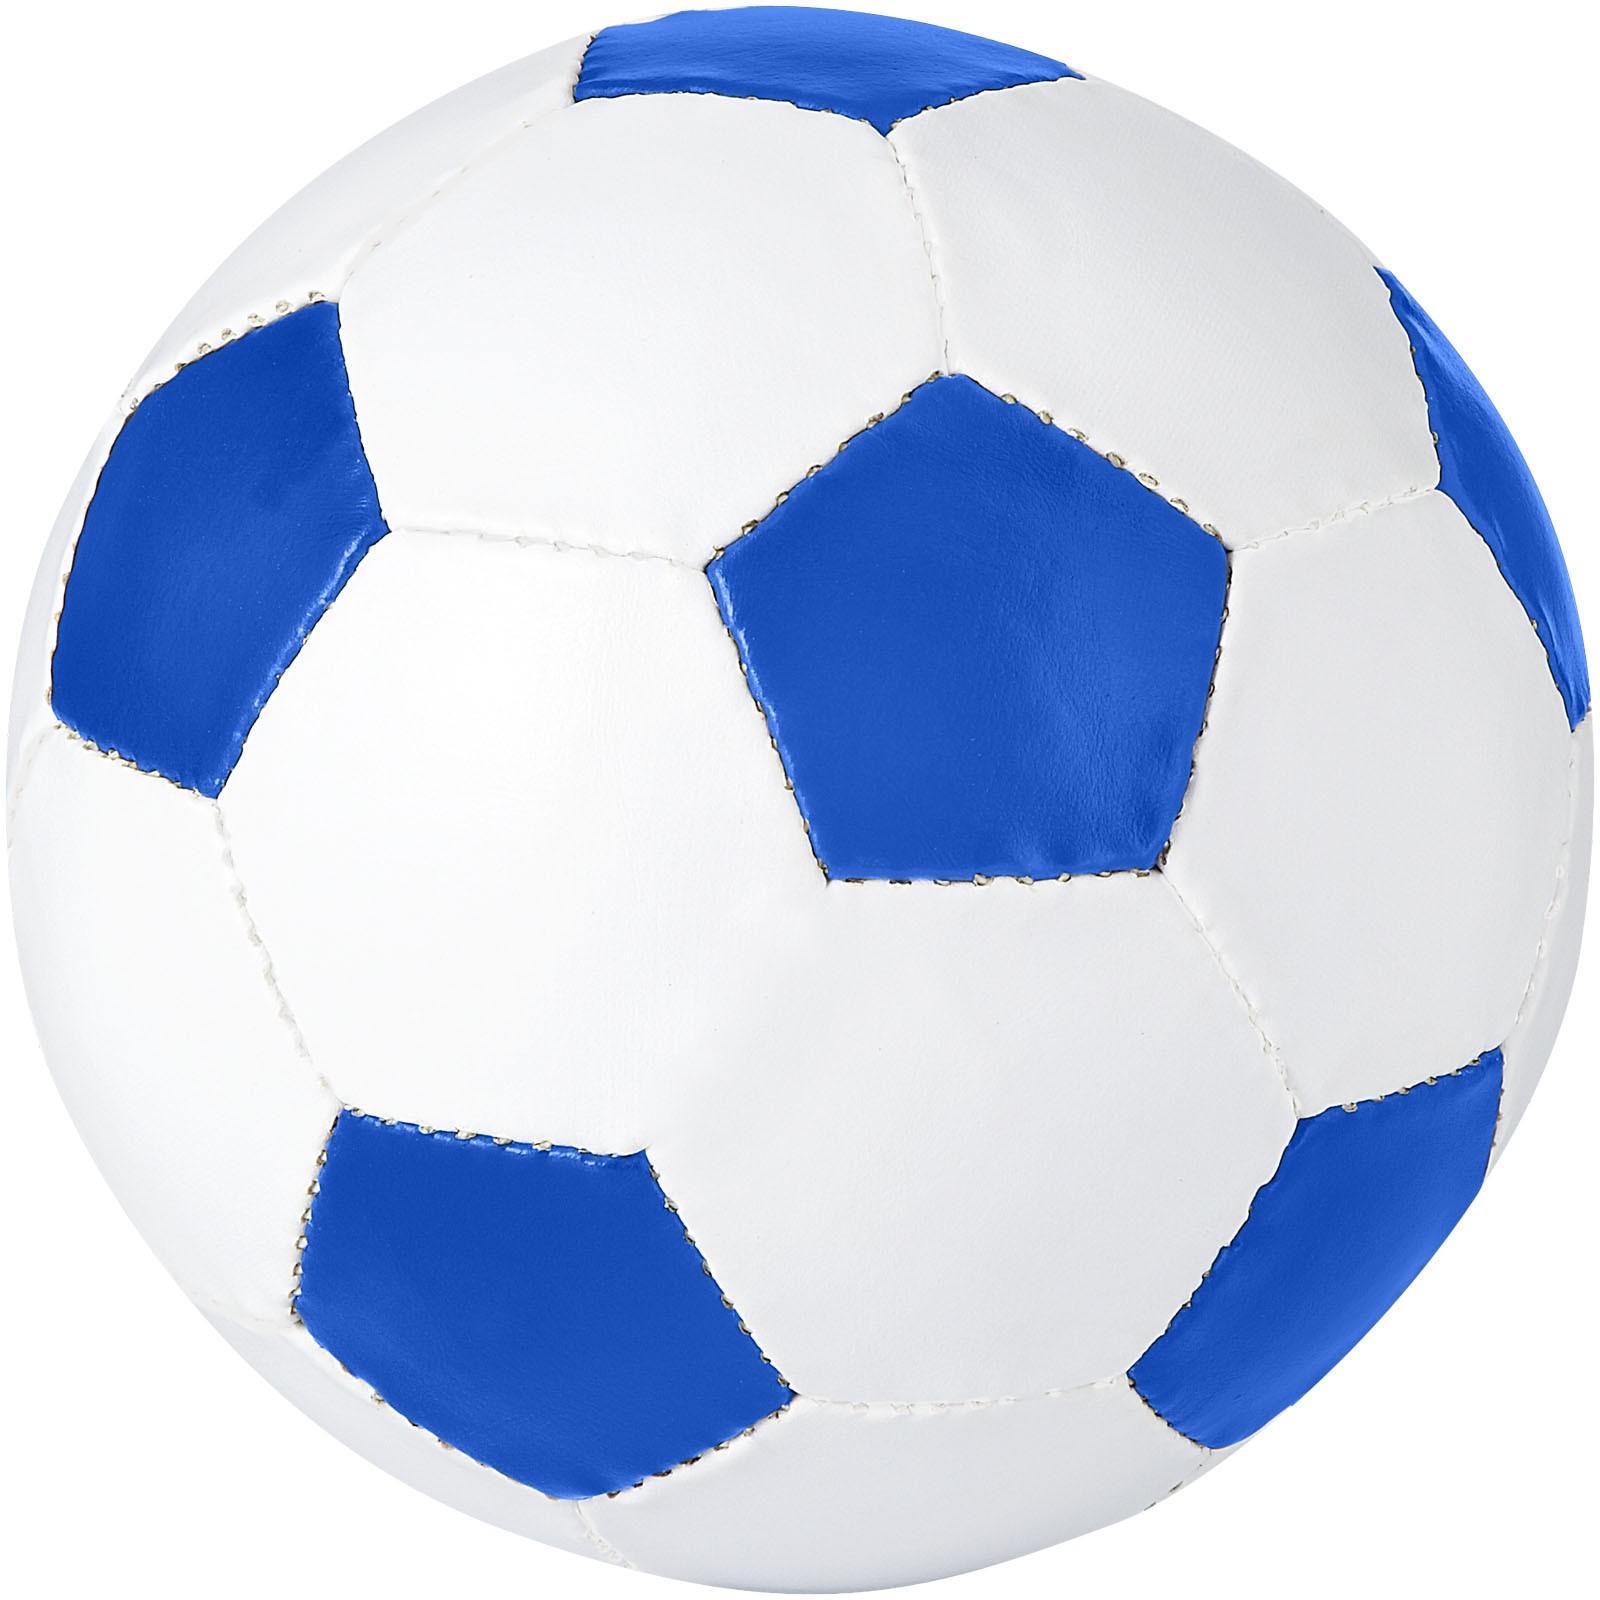 Fotbalový míč Curve - Světle modrá / Bílá